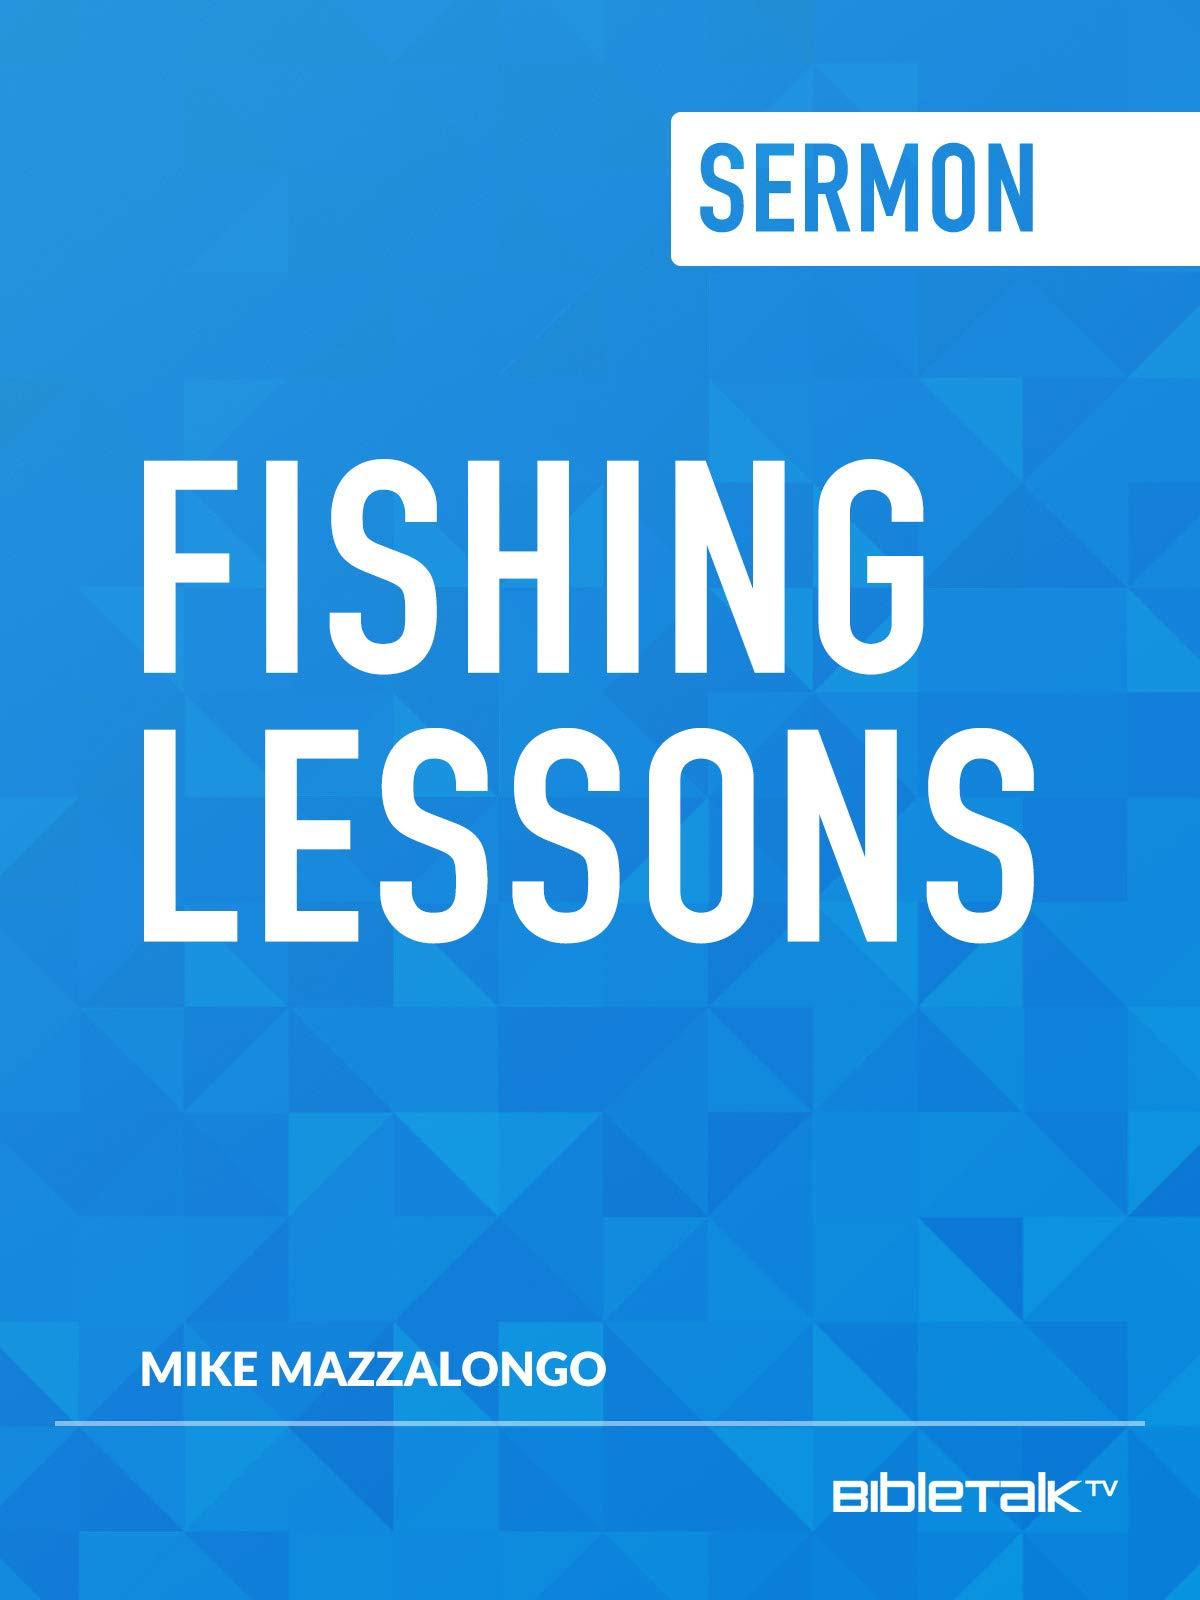 Sermon: Fishing Lessons